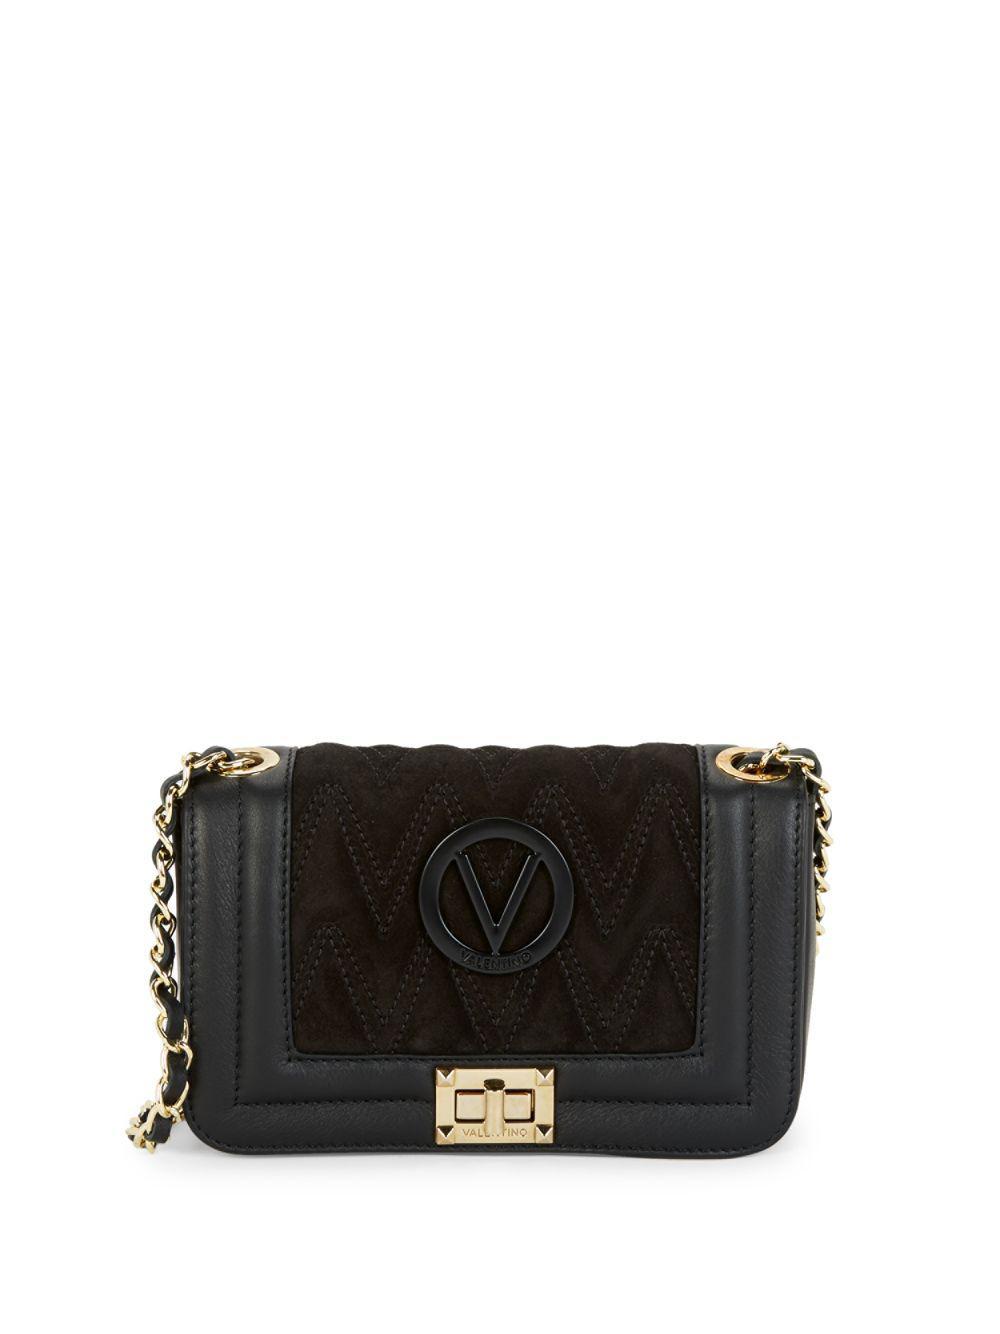 a41e7dfc597 Valentino By Mario Valentino. Women's Black Beatriz Suede & Leather Chevron  Boxed Crossbody Bag